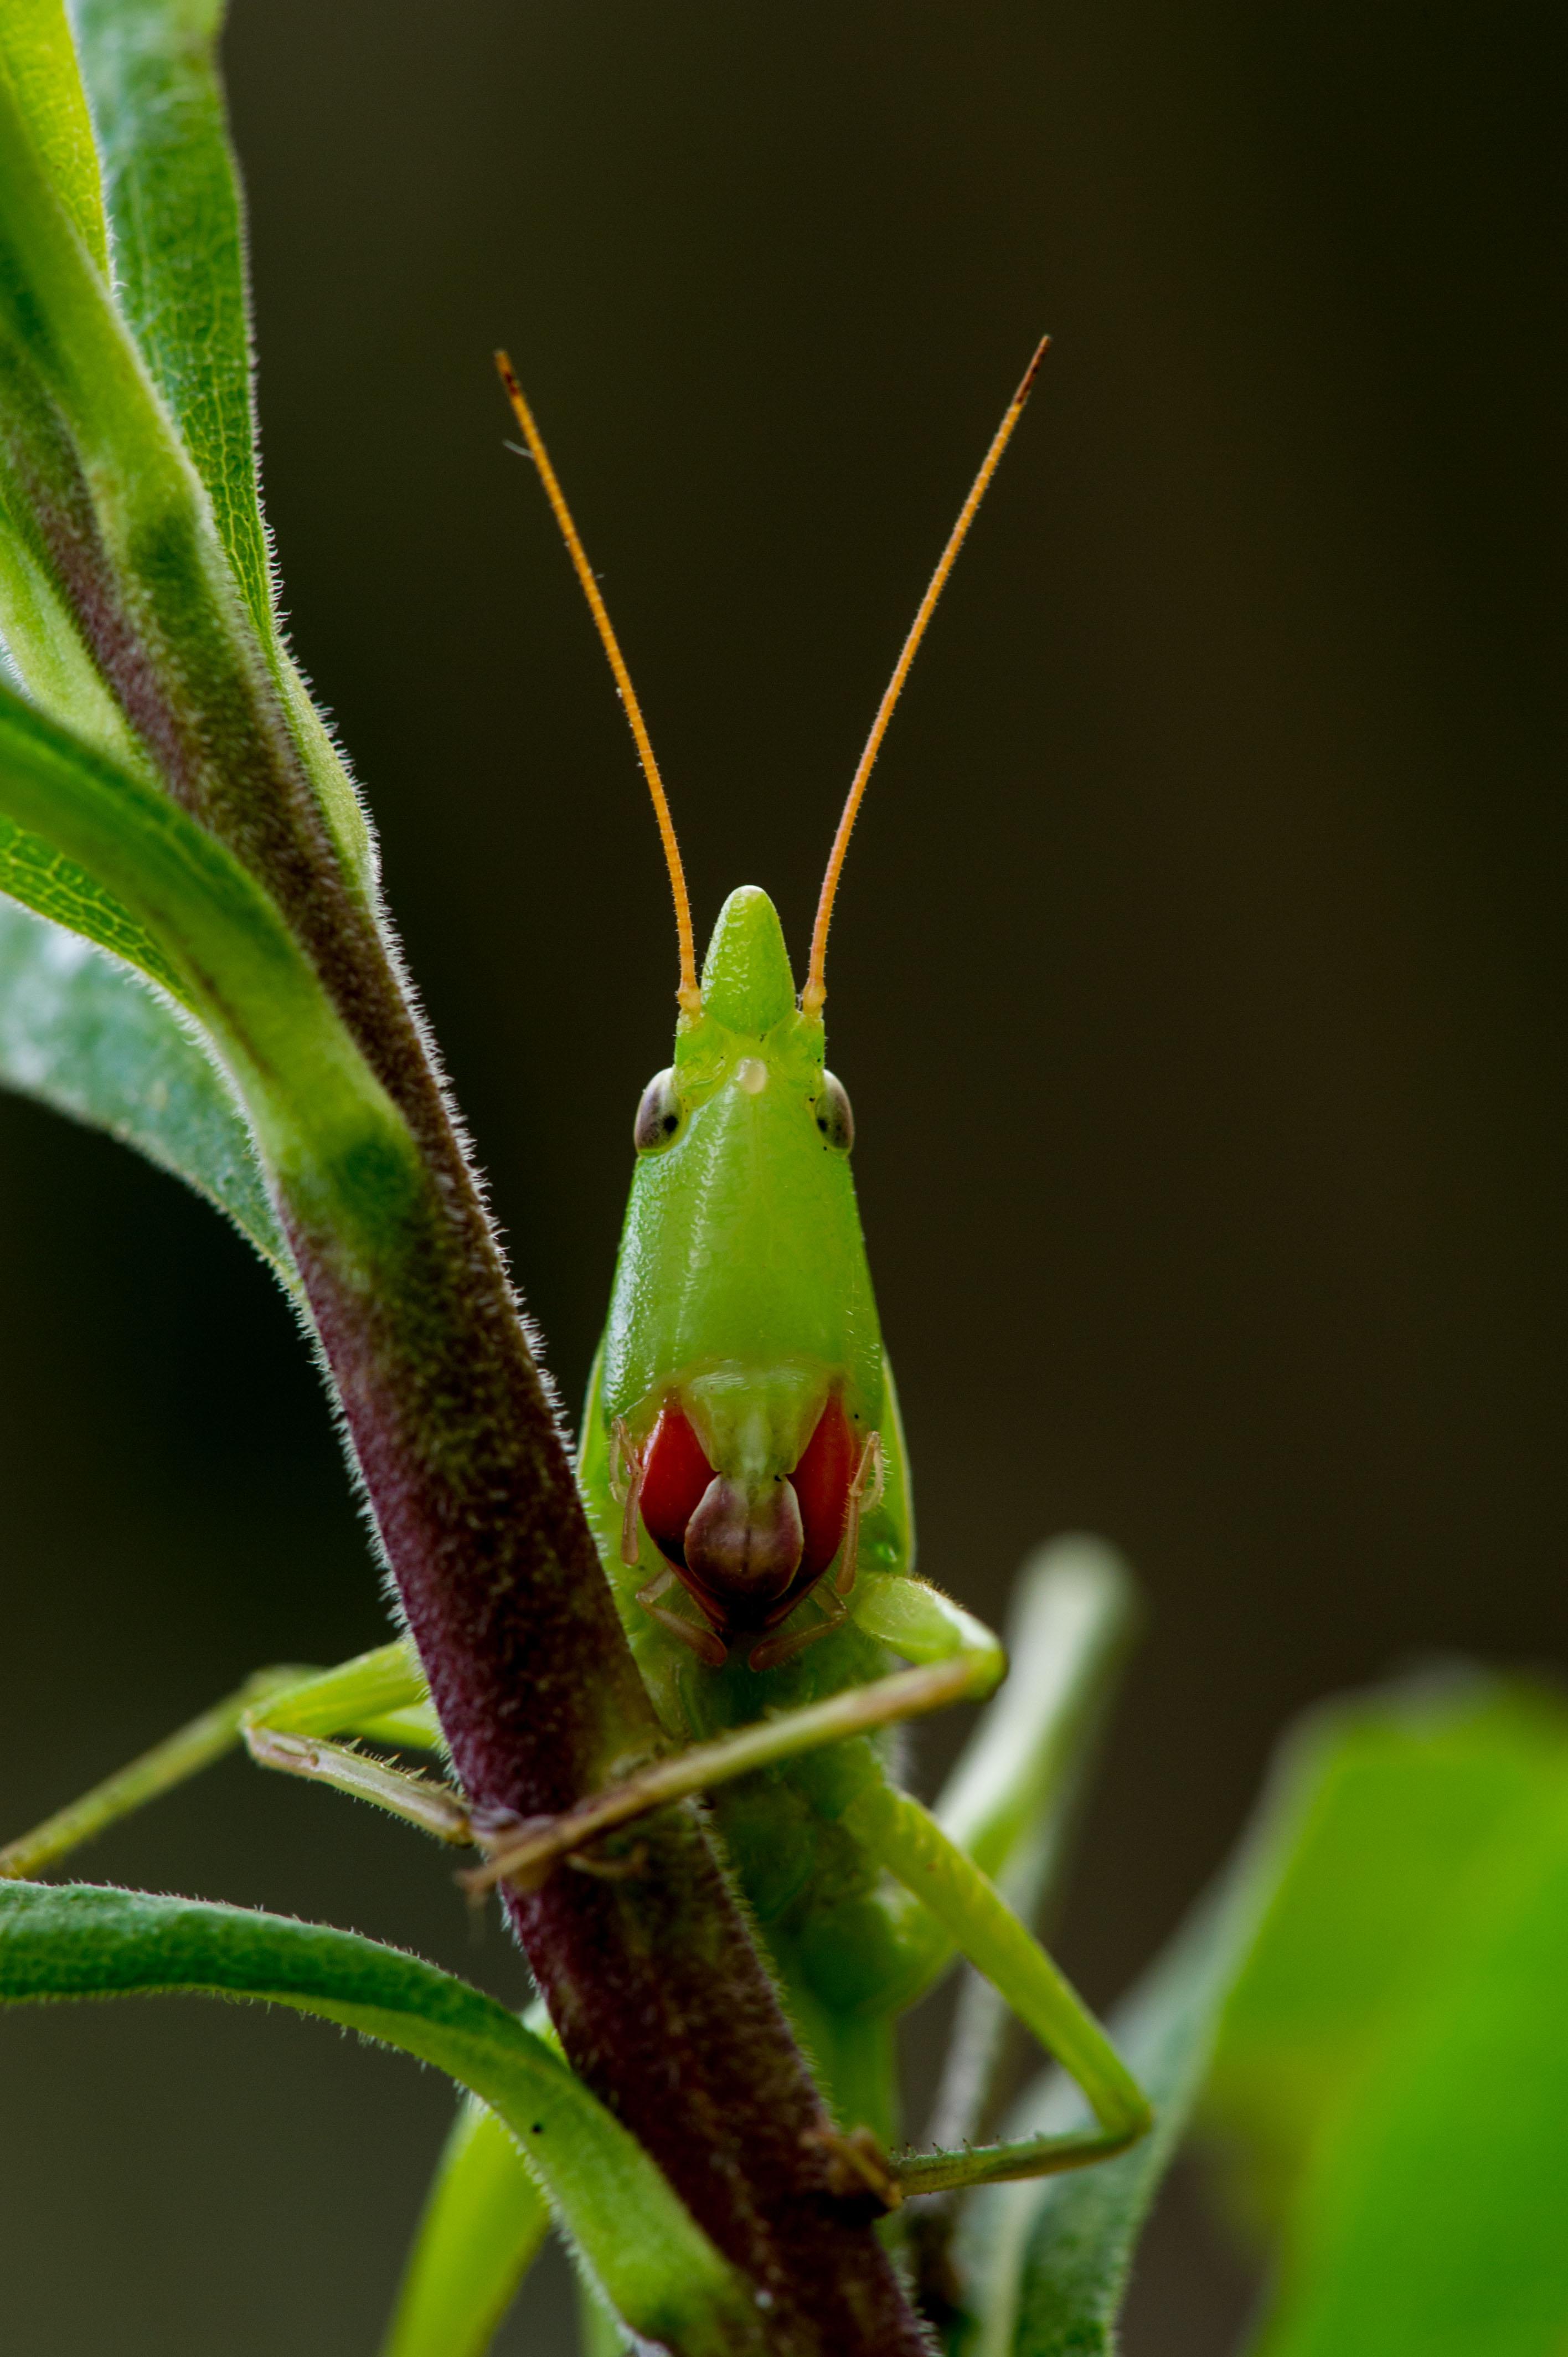 クビキリギスの写真